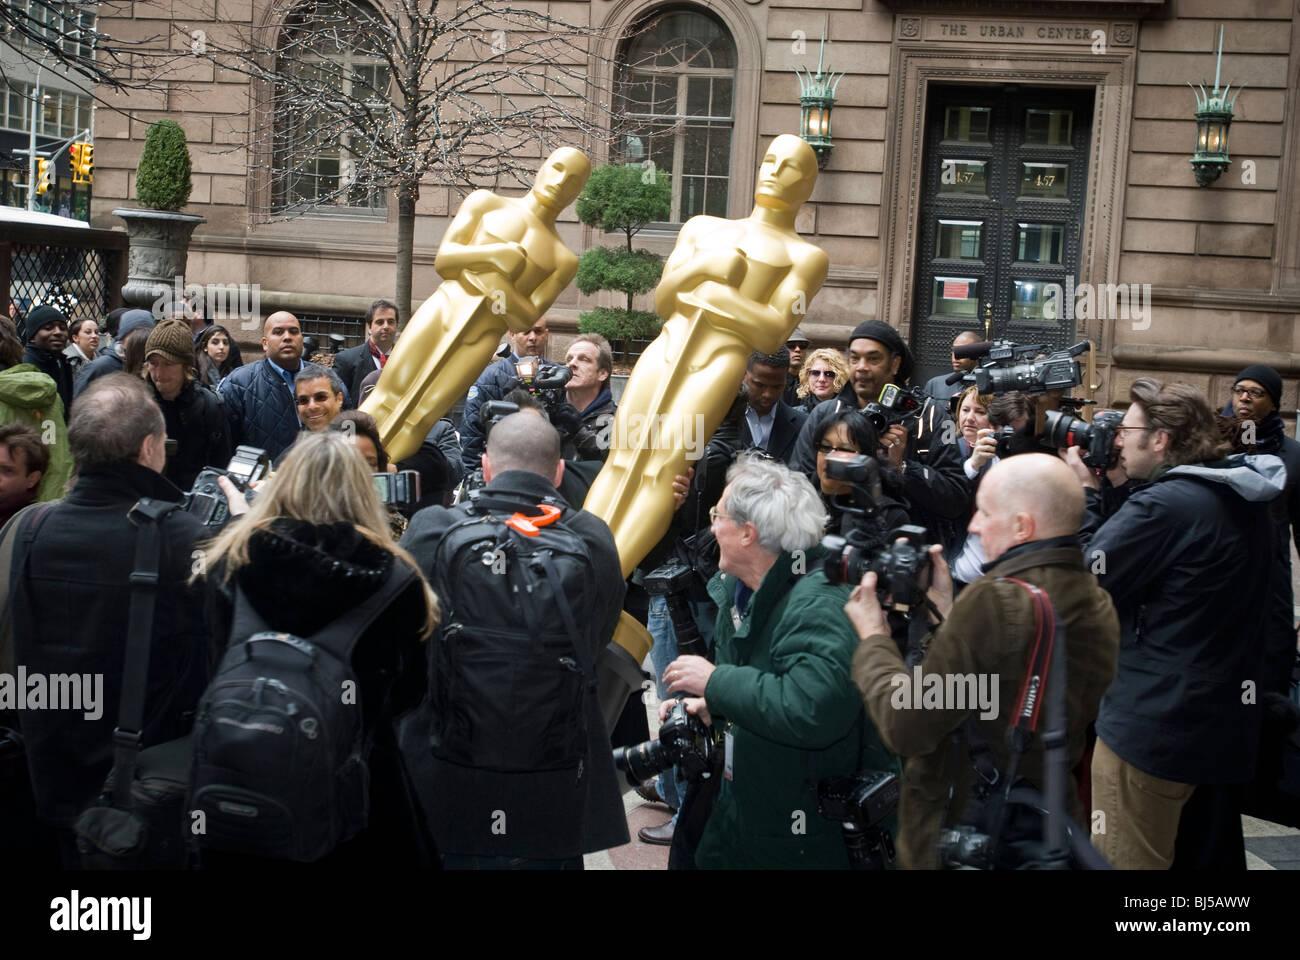 Oscar Statuen werden an das New York Palace Hotel vor der New York Party für den Oscar nominiert geliefert. Stockbild